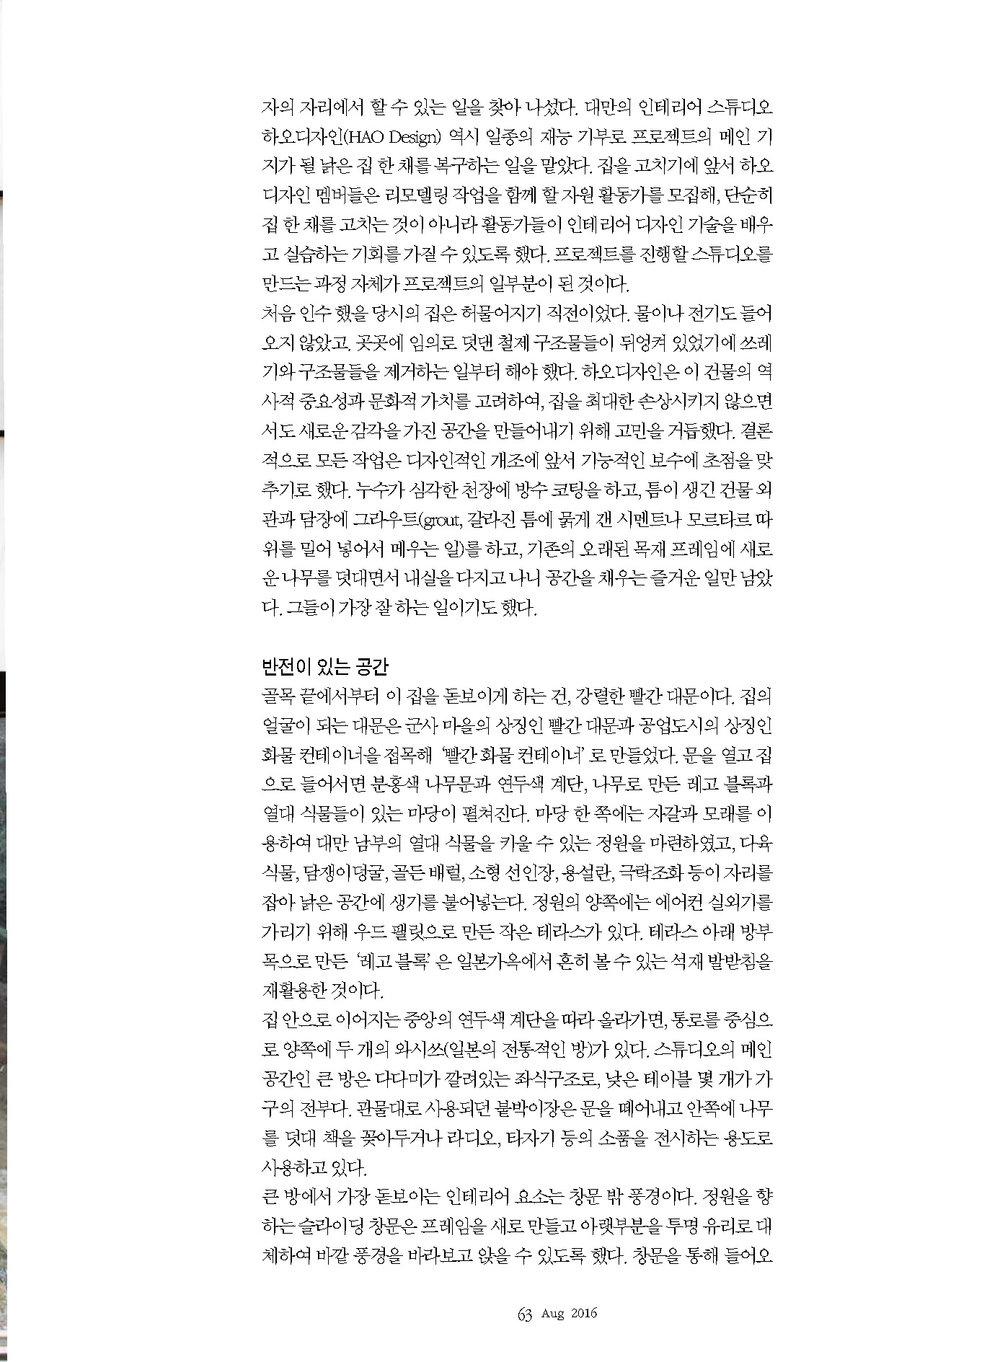 頁面擷取自-우드플래닛 2016.8월호-웹용 pdf-2_頁面_10.jpg